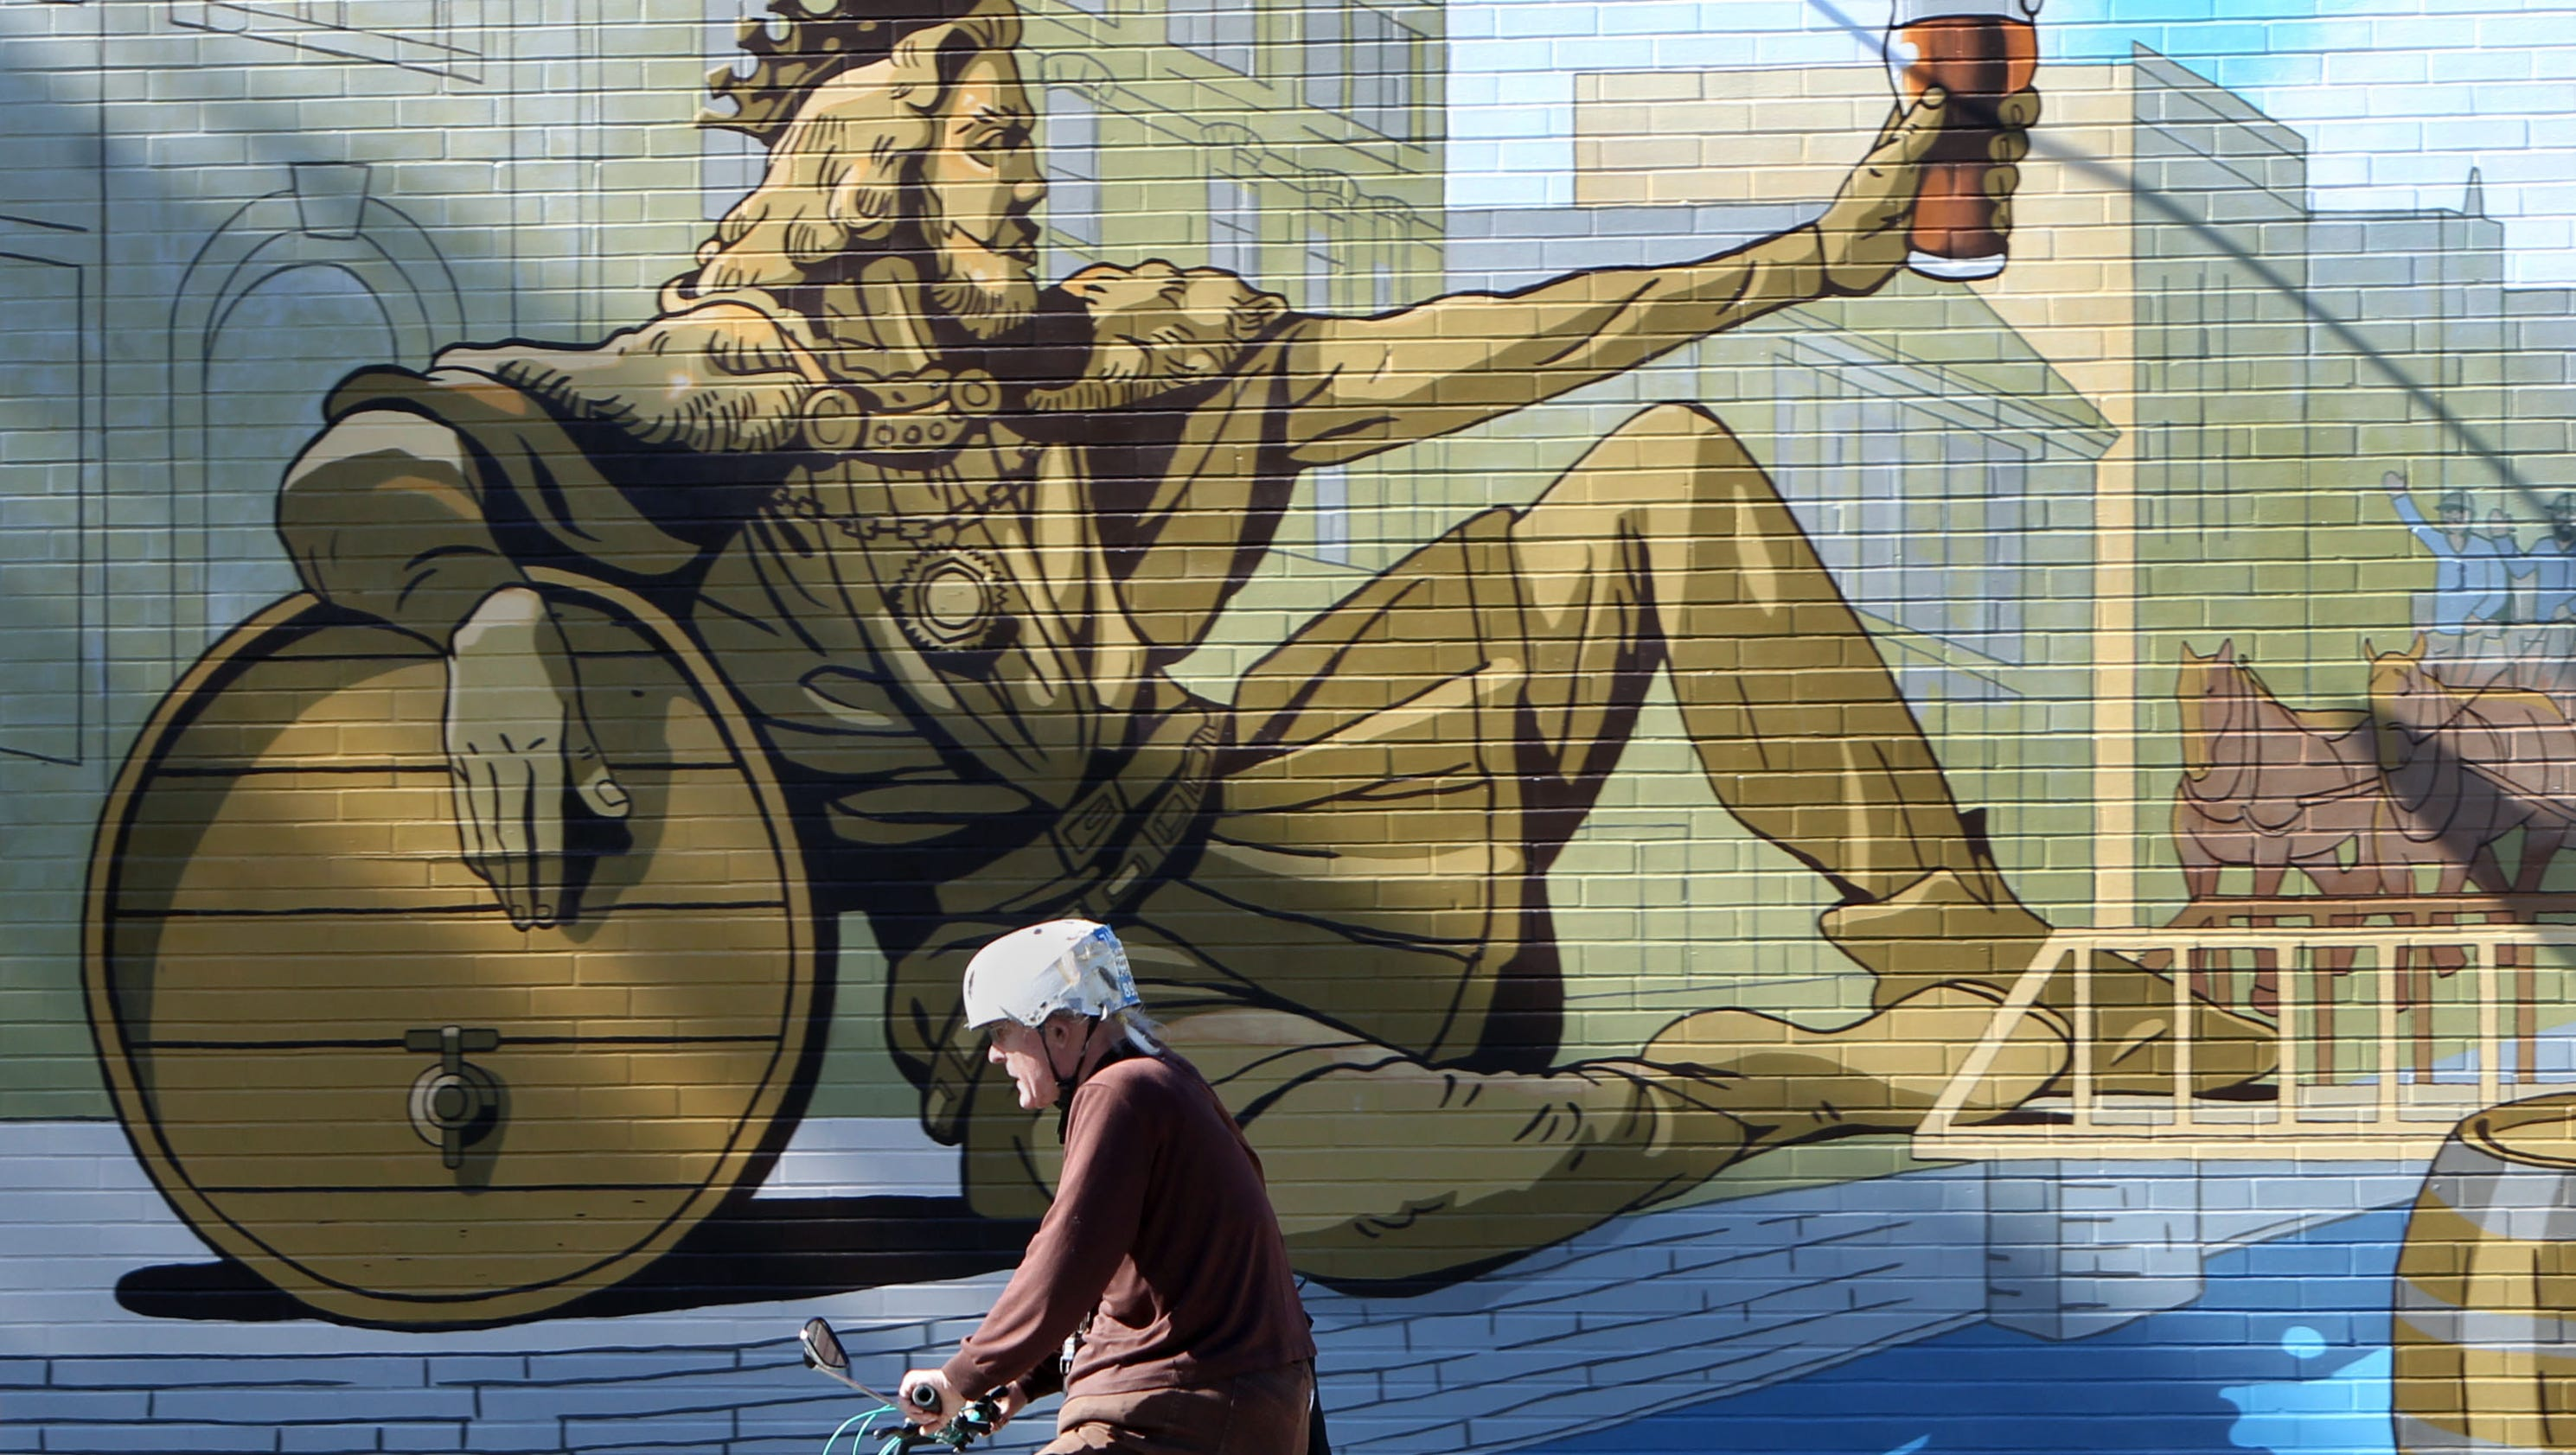 Cincinnati 39 s new murals for Cincinnatus mural